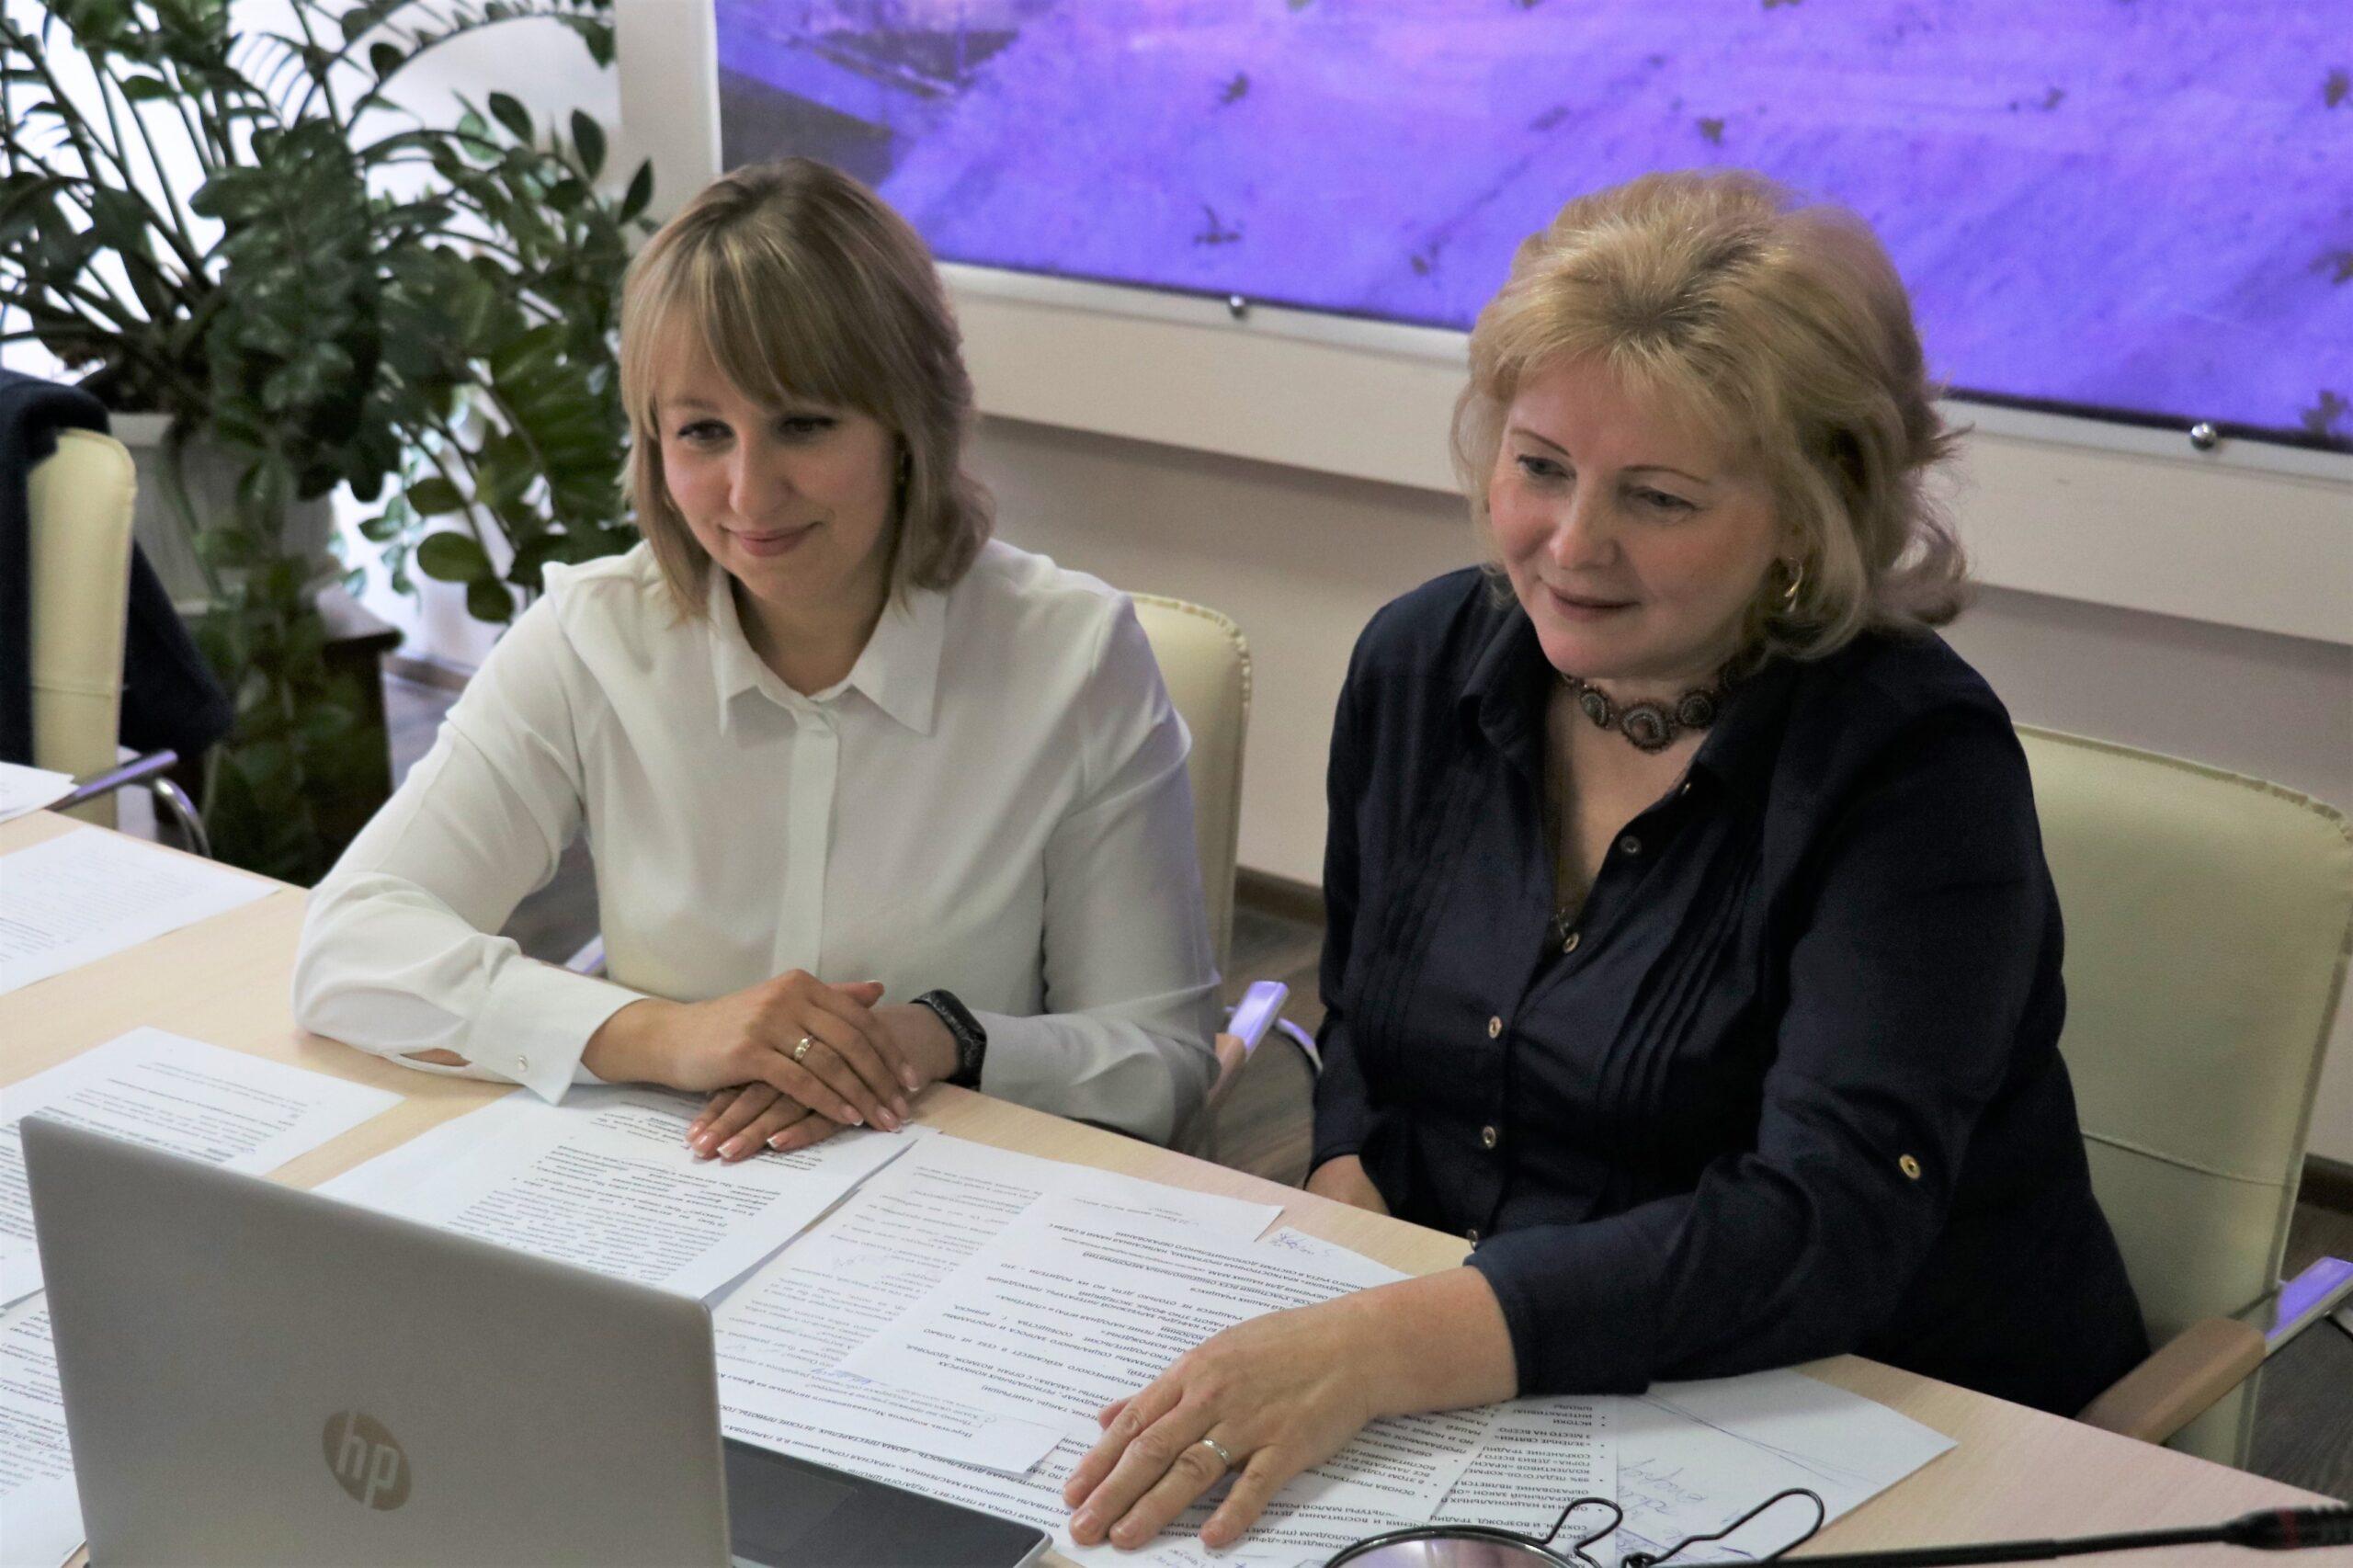 Команда Губернаторского Дворца имени Ю.А. Гагарина завоевала Гран-при Всероссийского конкурса «Панорама методических кейсов» – 2021